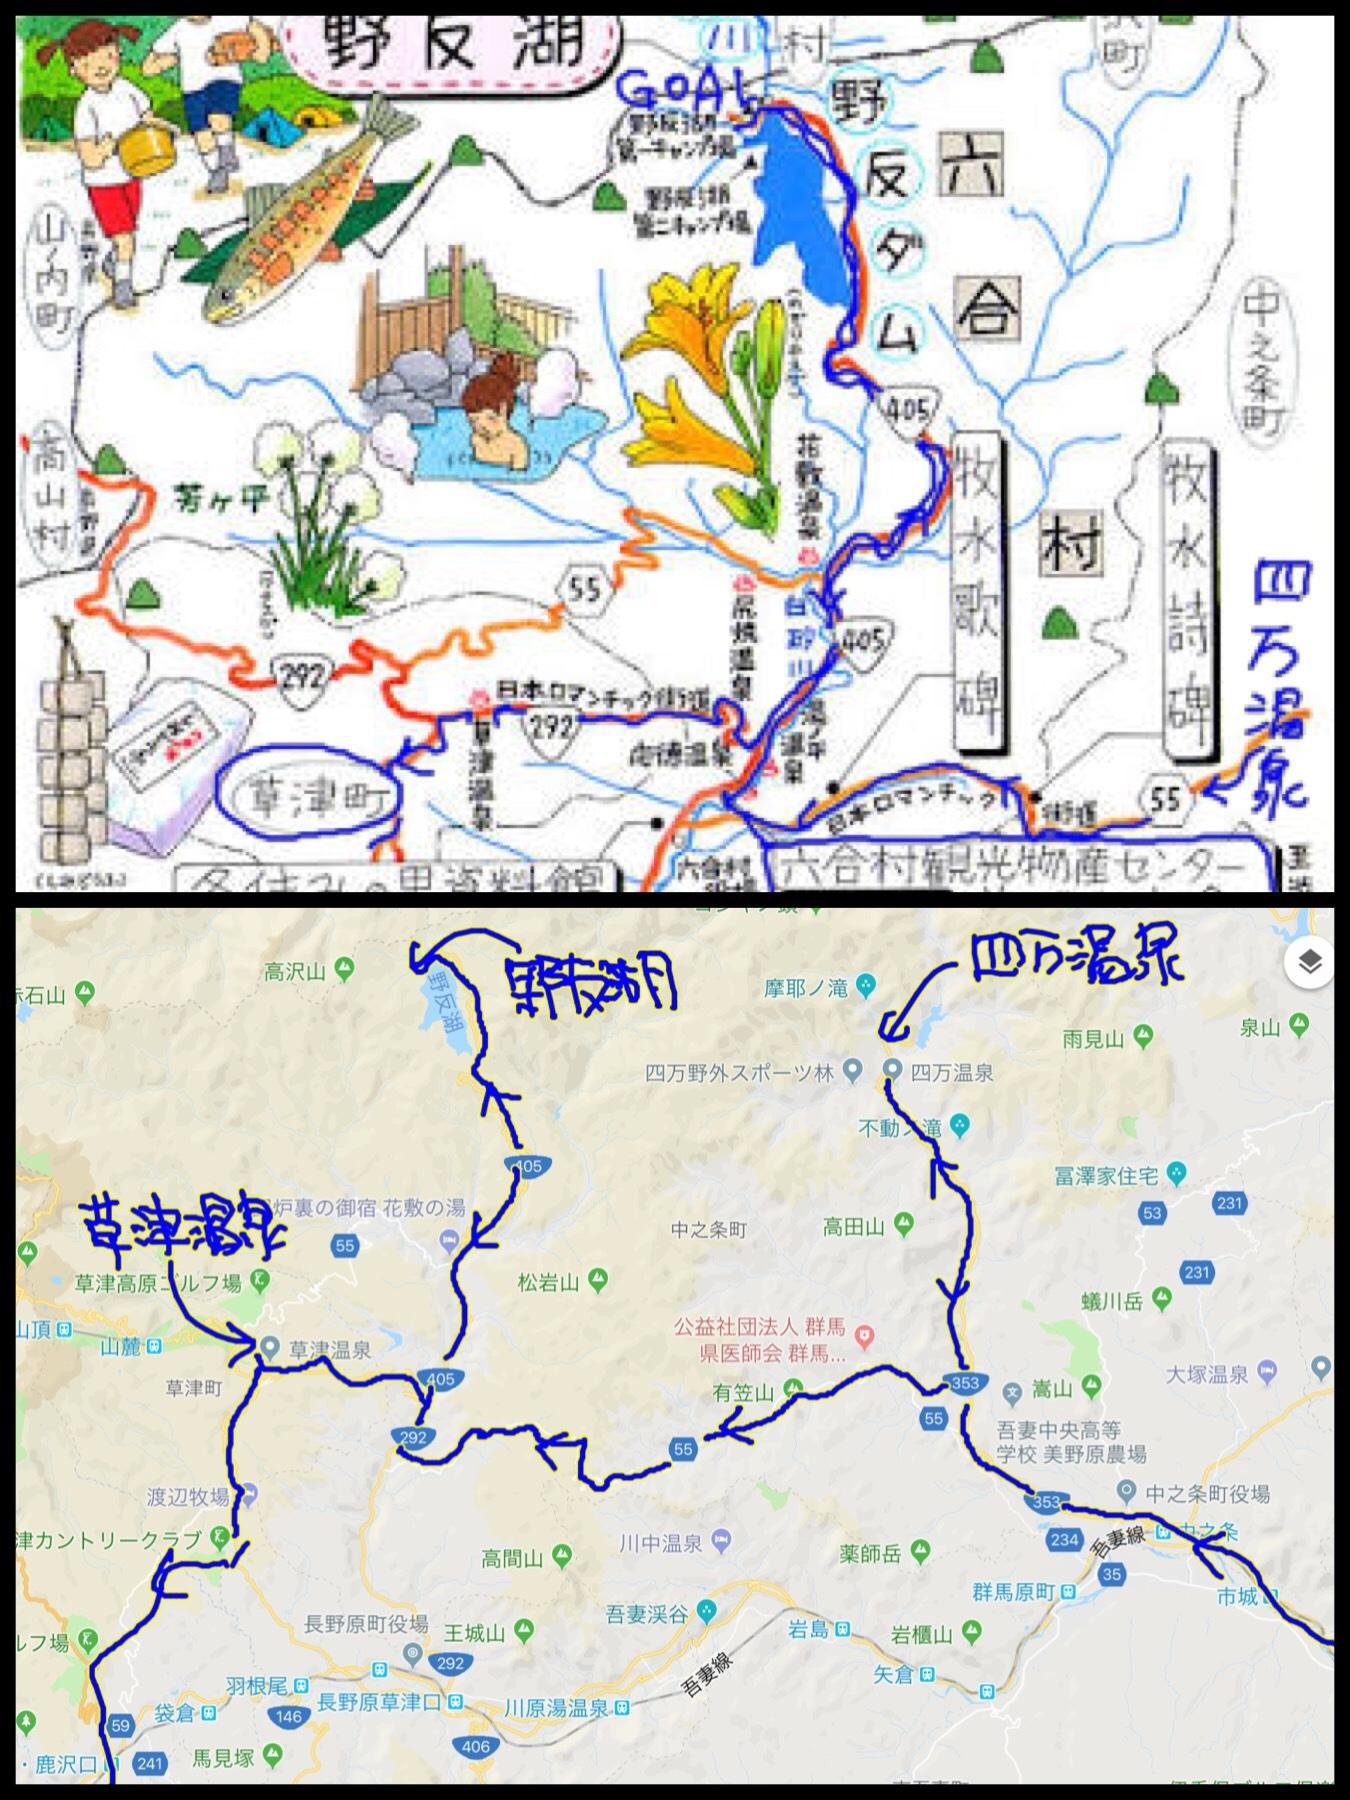 四万温泉 Shima blue 宿泊記 シマブルー グランピング 野反湖 地図